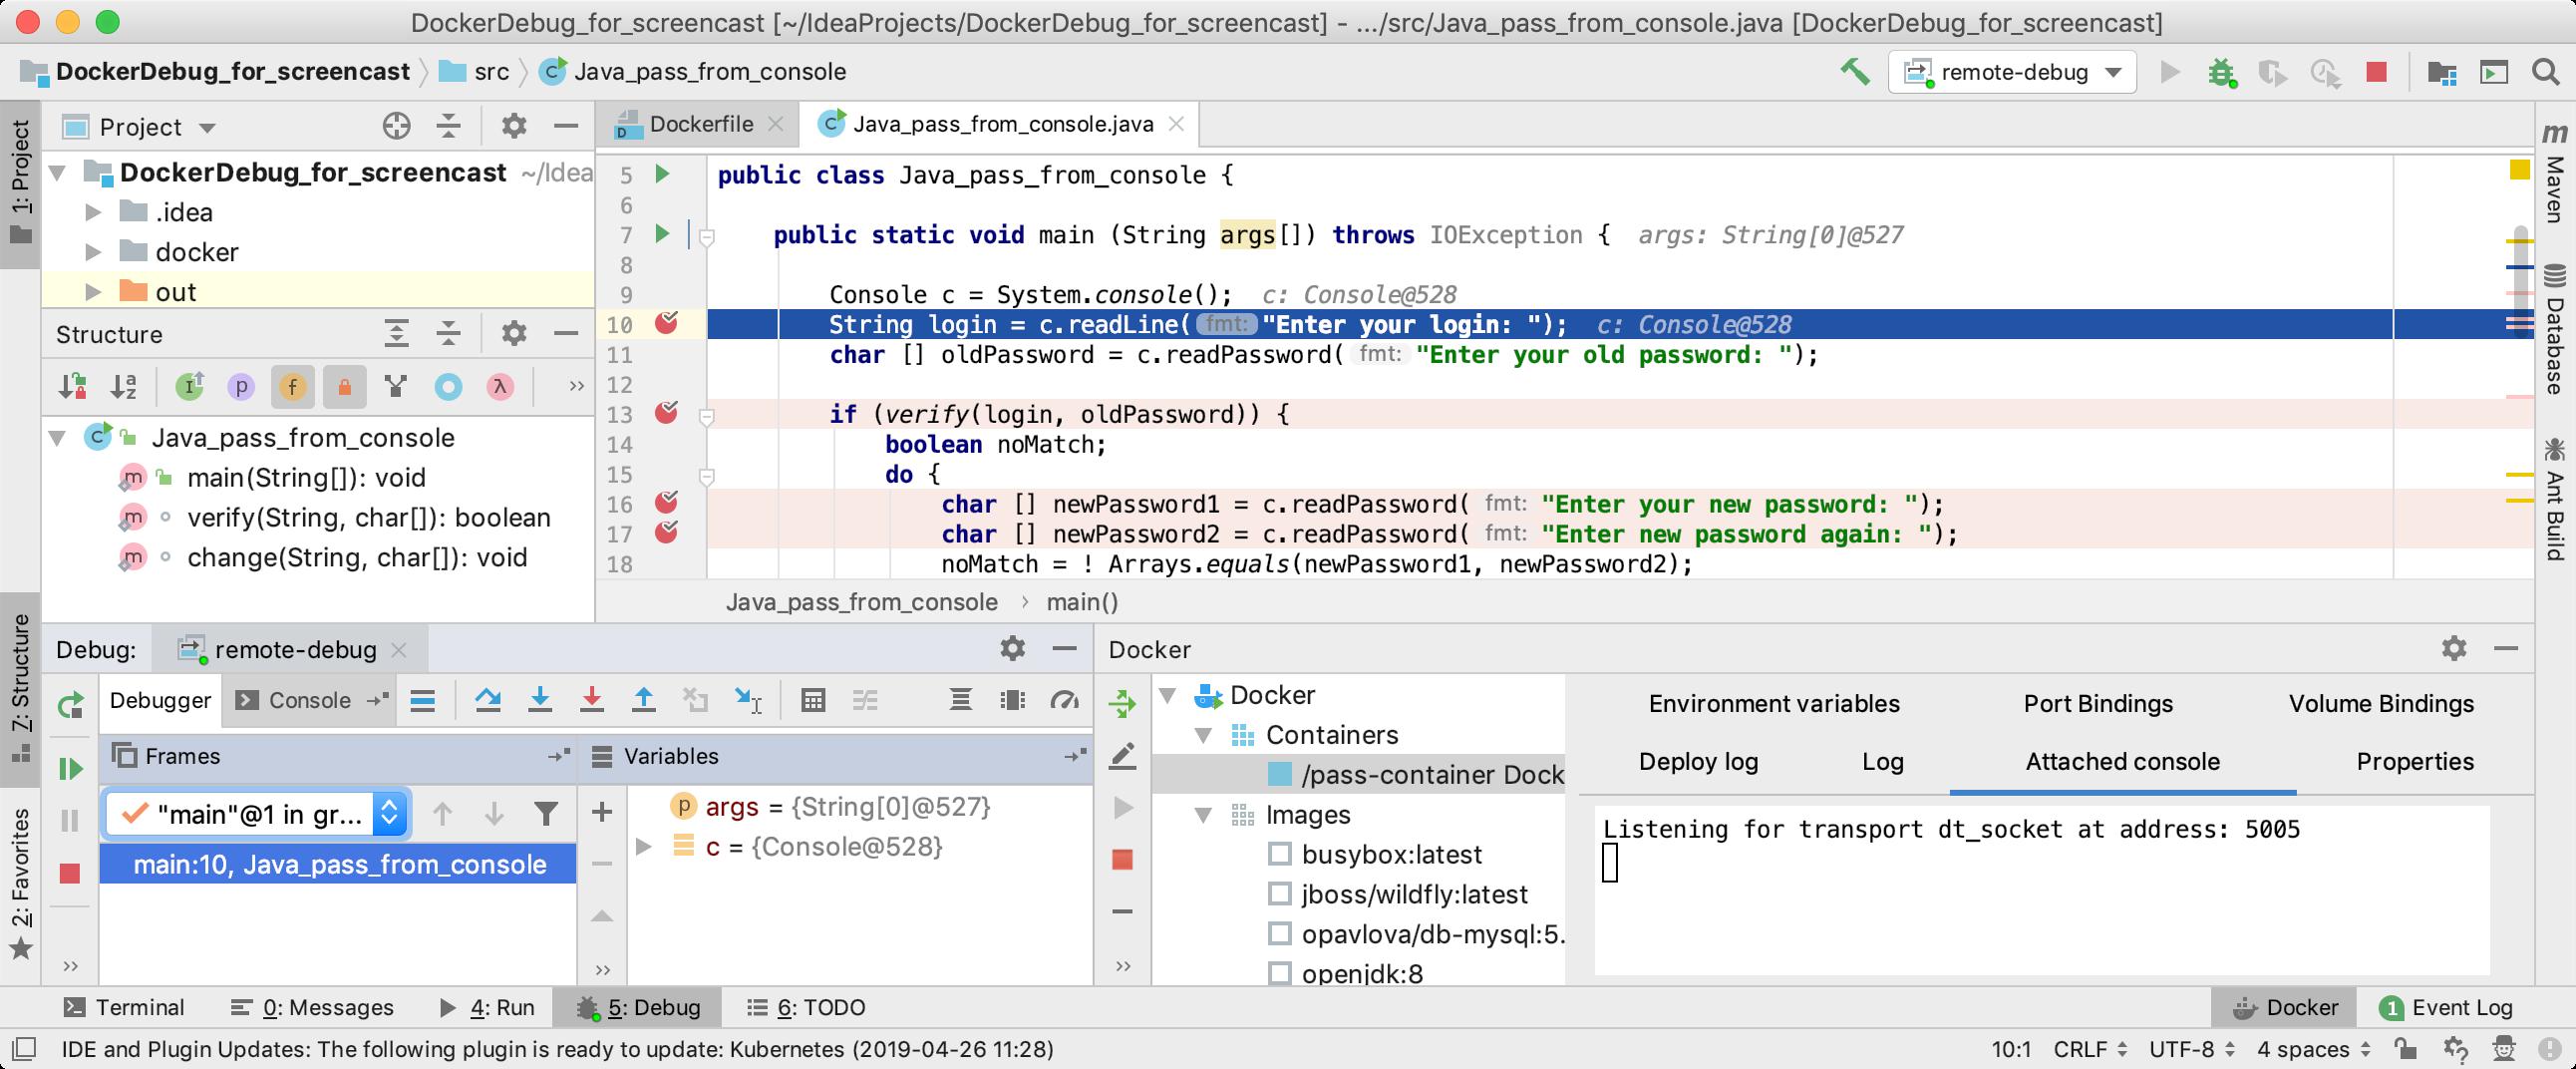 Debug session of a Java application running in Docker